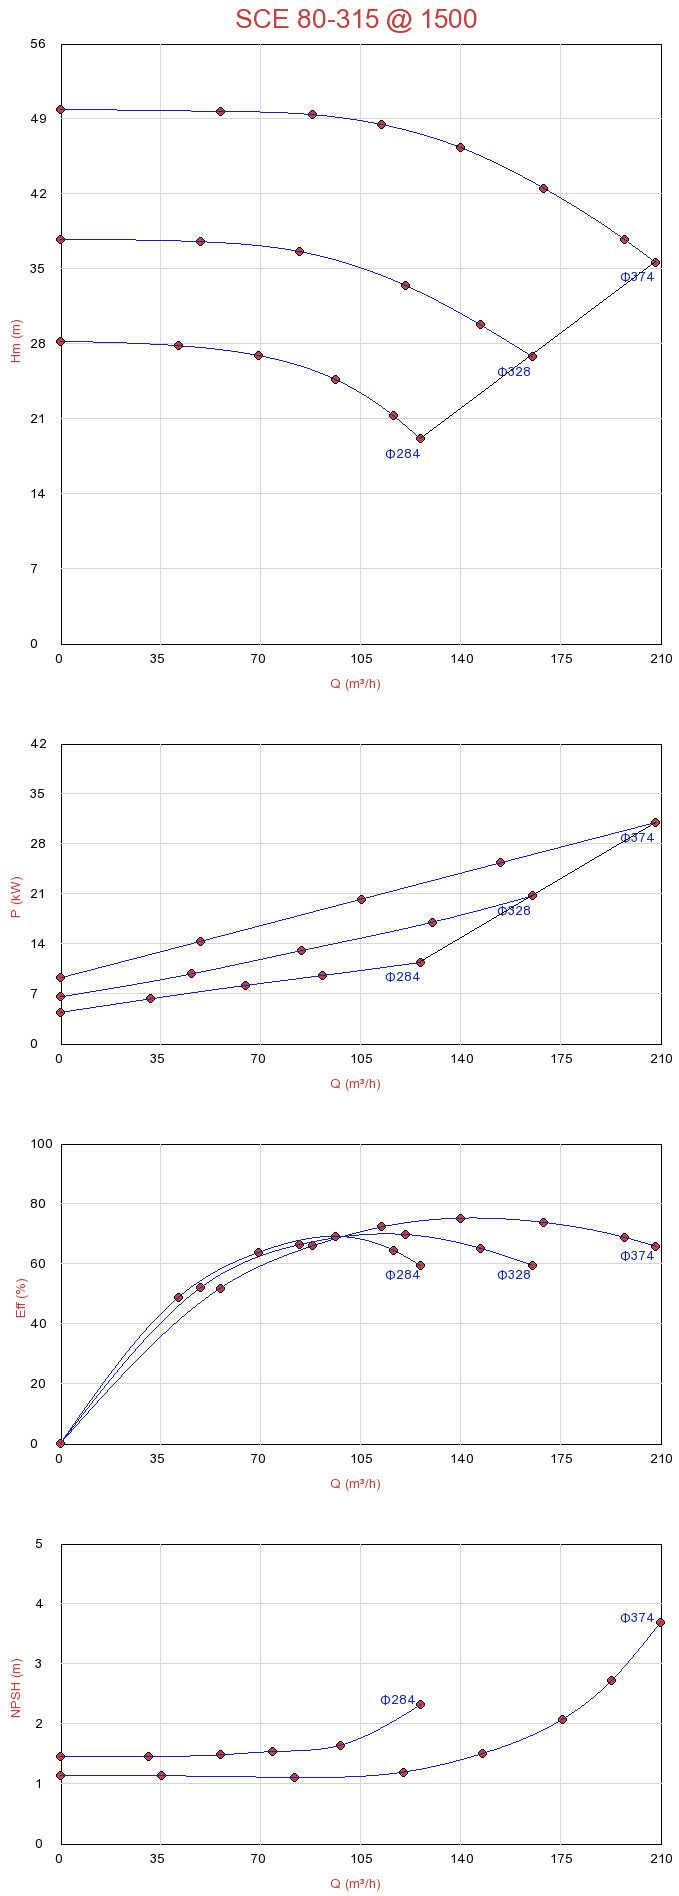 Biểu đồ lưu lượng của máy bơm ly tâm hút đôi Sempa SCE 80-315 (1500rpm)